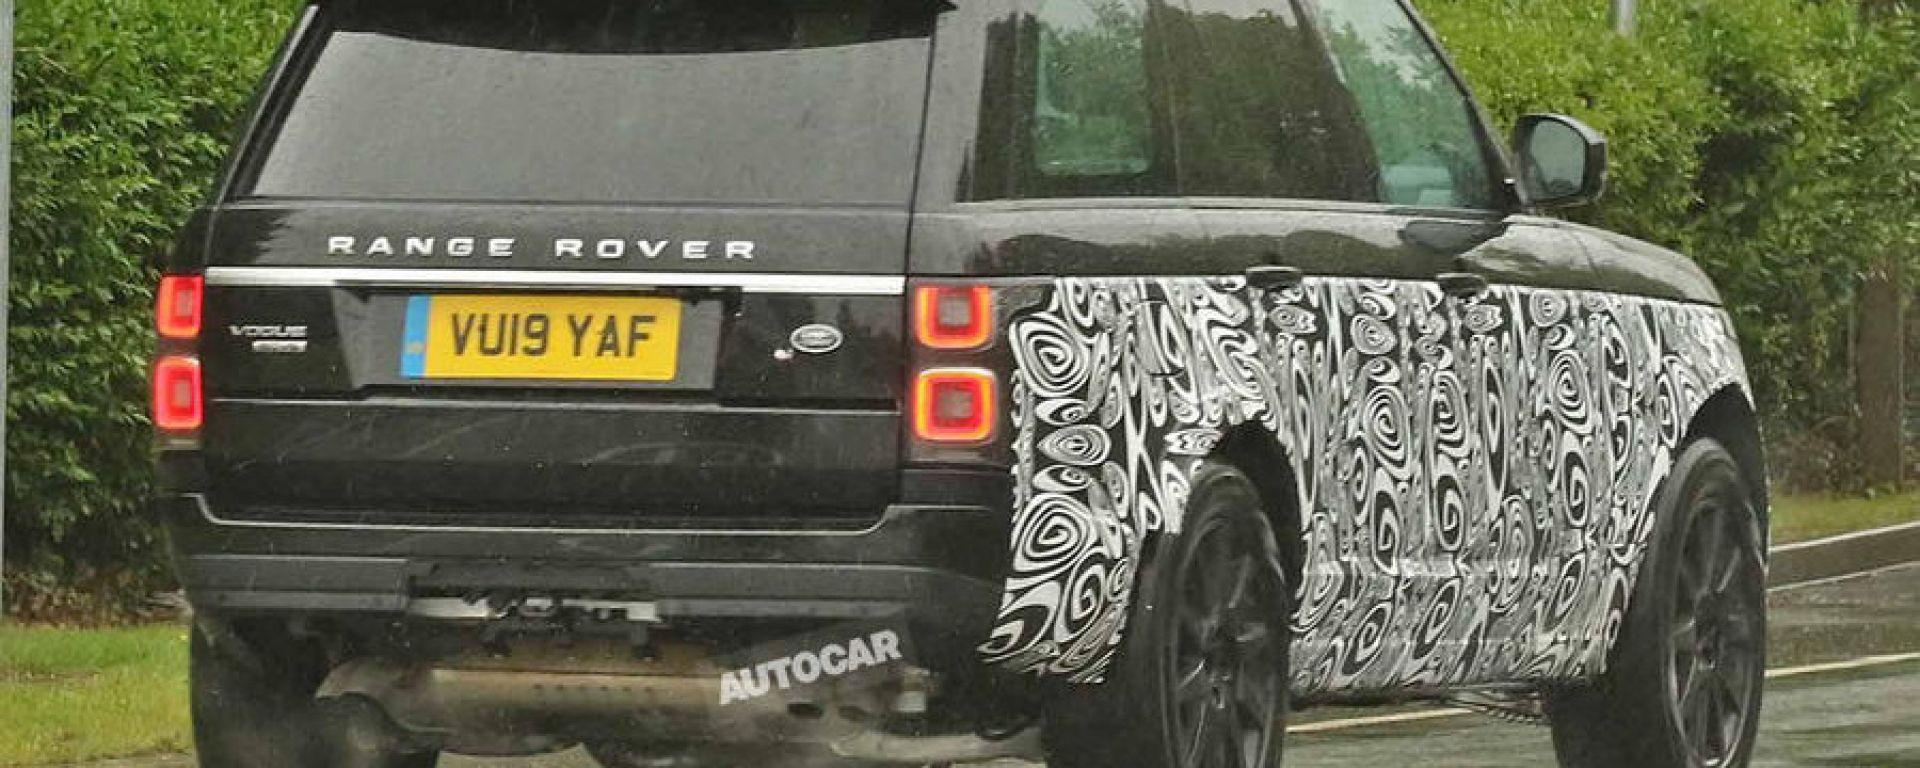 Range Rover 2021: foto e dettagli della prossima generazione